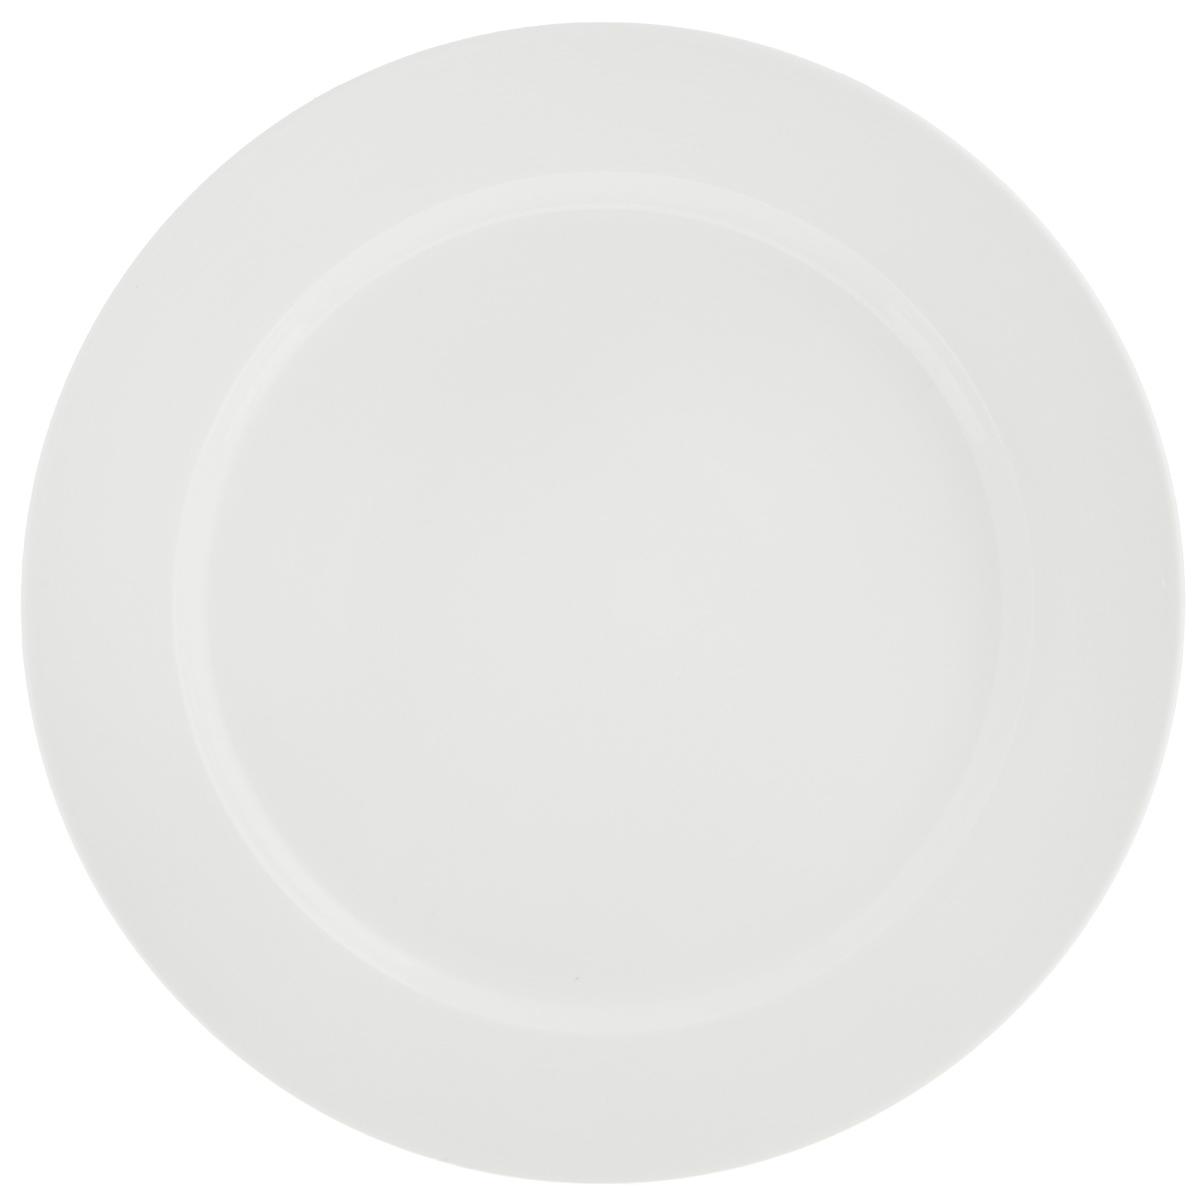 Тарелка Tescoma Opus Stripes, диаметр 27 см385124Тарелка Tescoma Opus Stripes выполнена из высококачественного фарфора однотонного цвета и прекрасно подойдет для вашей кухни. Такая тарелка изысканно украсит сервировку как обеденного, так и праздничного стола. Предназначена для подачи вторых блюд. Пригодна для использования в микроволновой печи. Можно мыть в посудомоечной машине. Диаметр: 27см. Высота тарелки: 2,5 см.